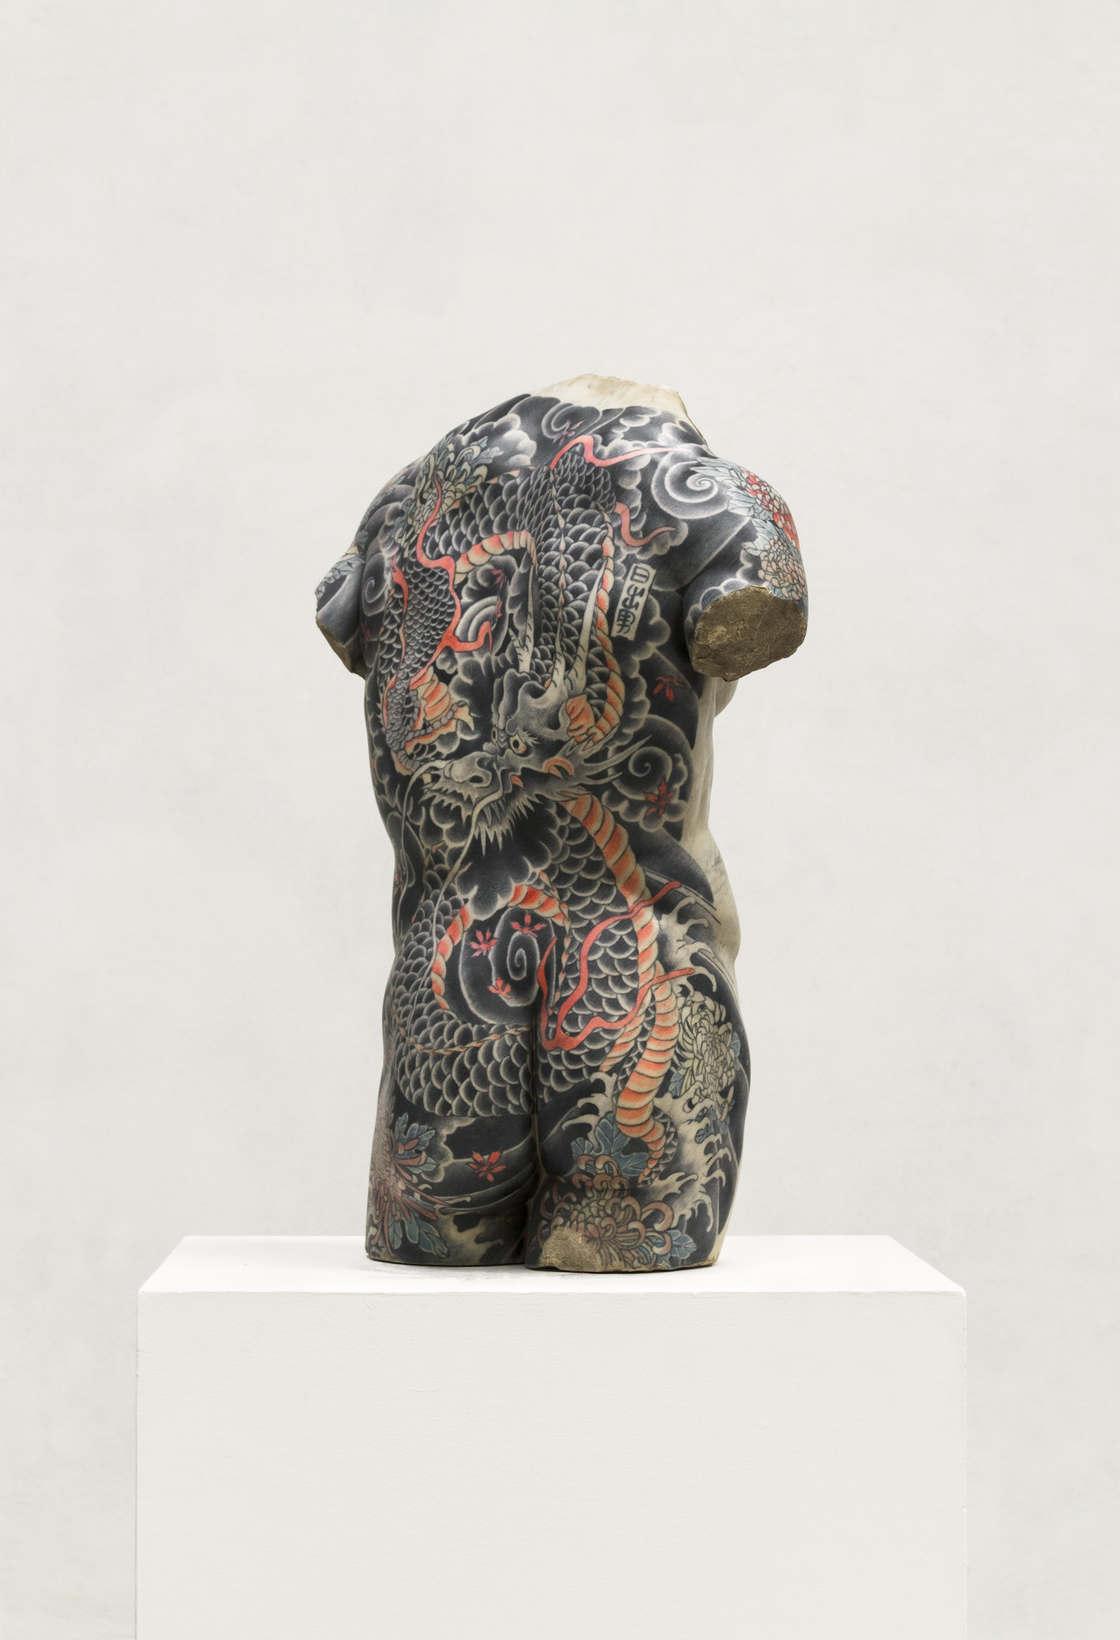 Rzeźba kobiety w ciemnych tatuażach od tyłu